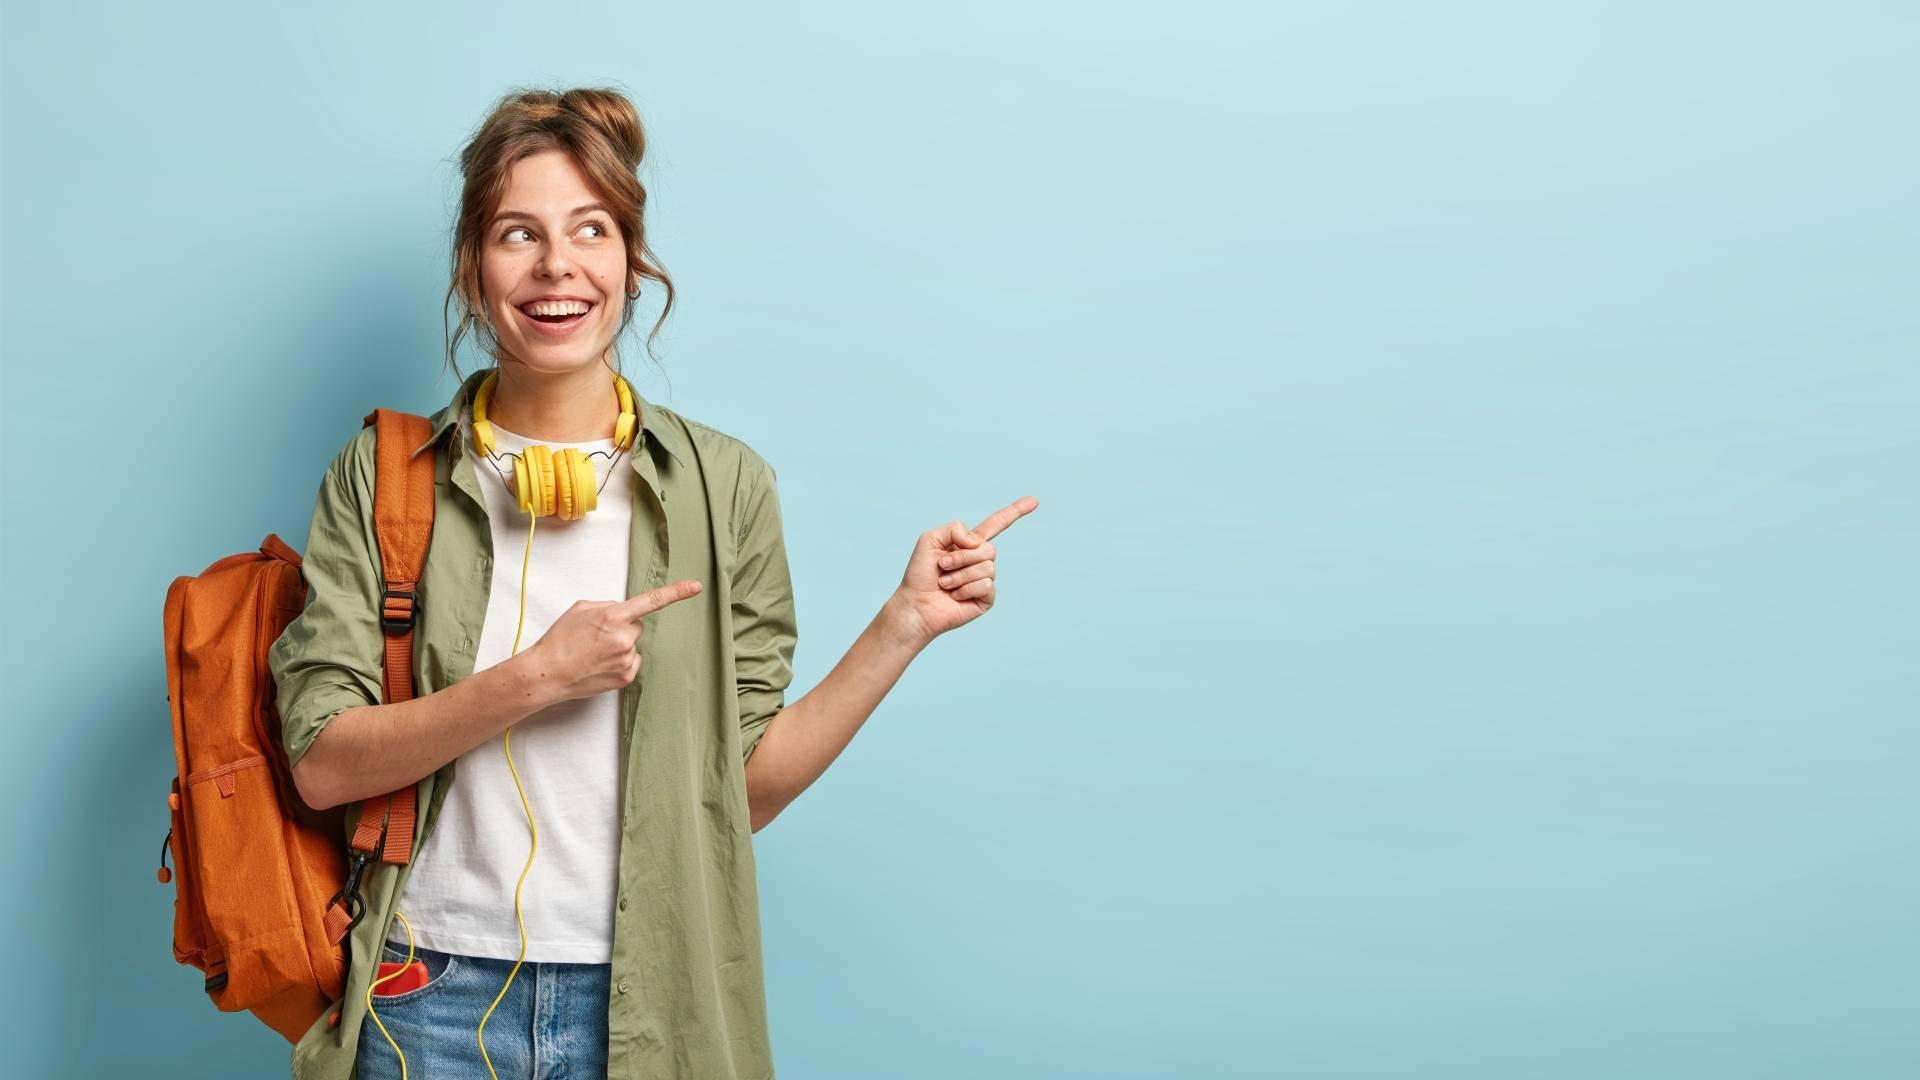 Uśmiechnięta nastolatka z plecakiem i żółtymi słuchawkami. Leki homeopatyczne dla dzieci w wieku nastoletnim